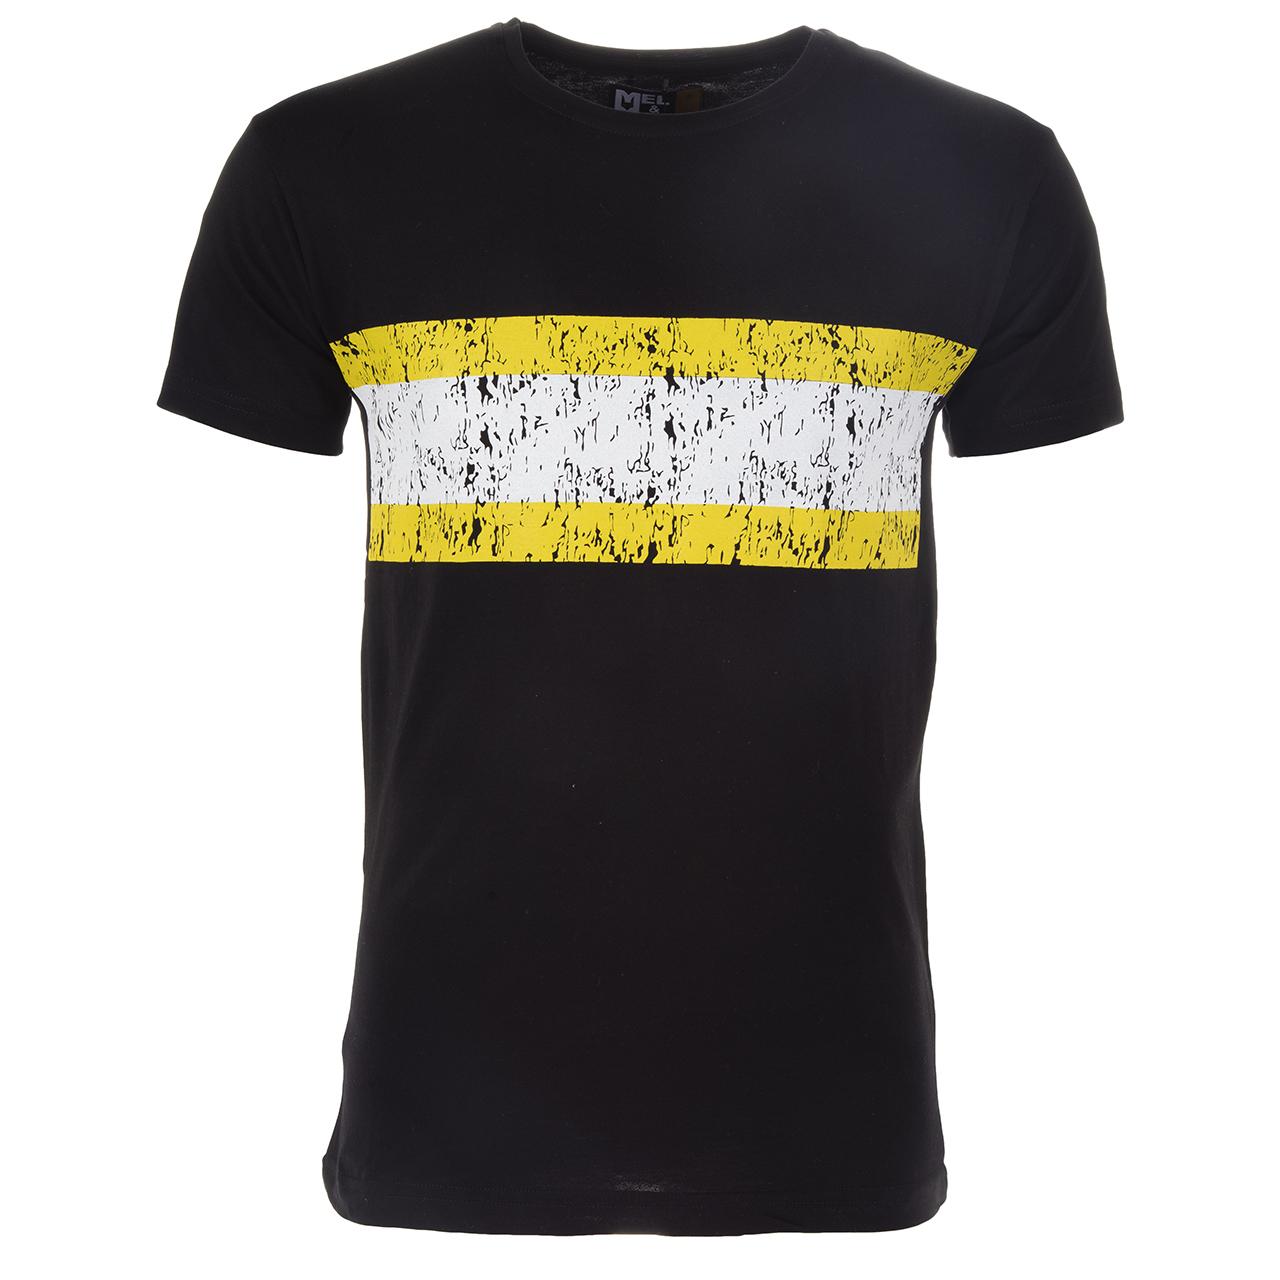 قیمت تی شرت مردانه مل اند موژ مدل MTG201901-1